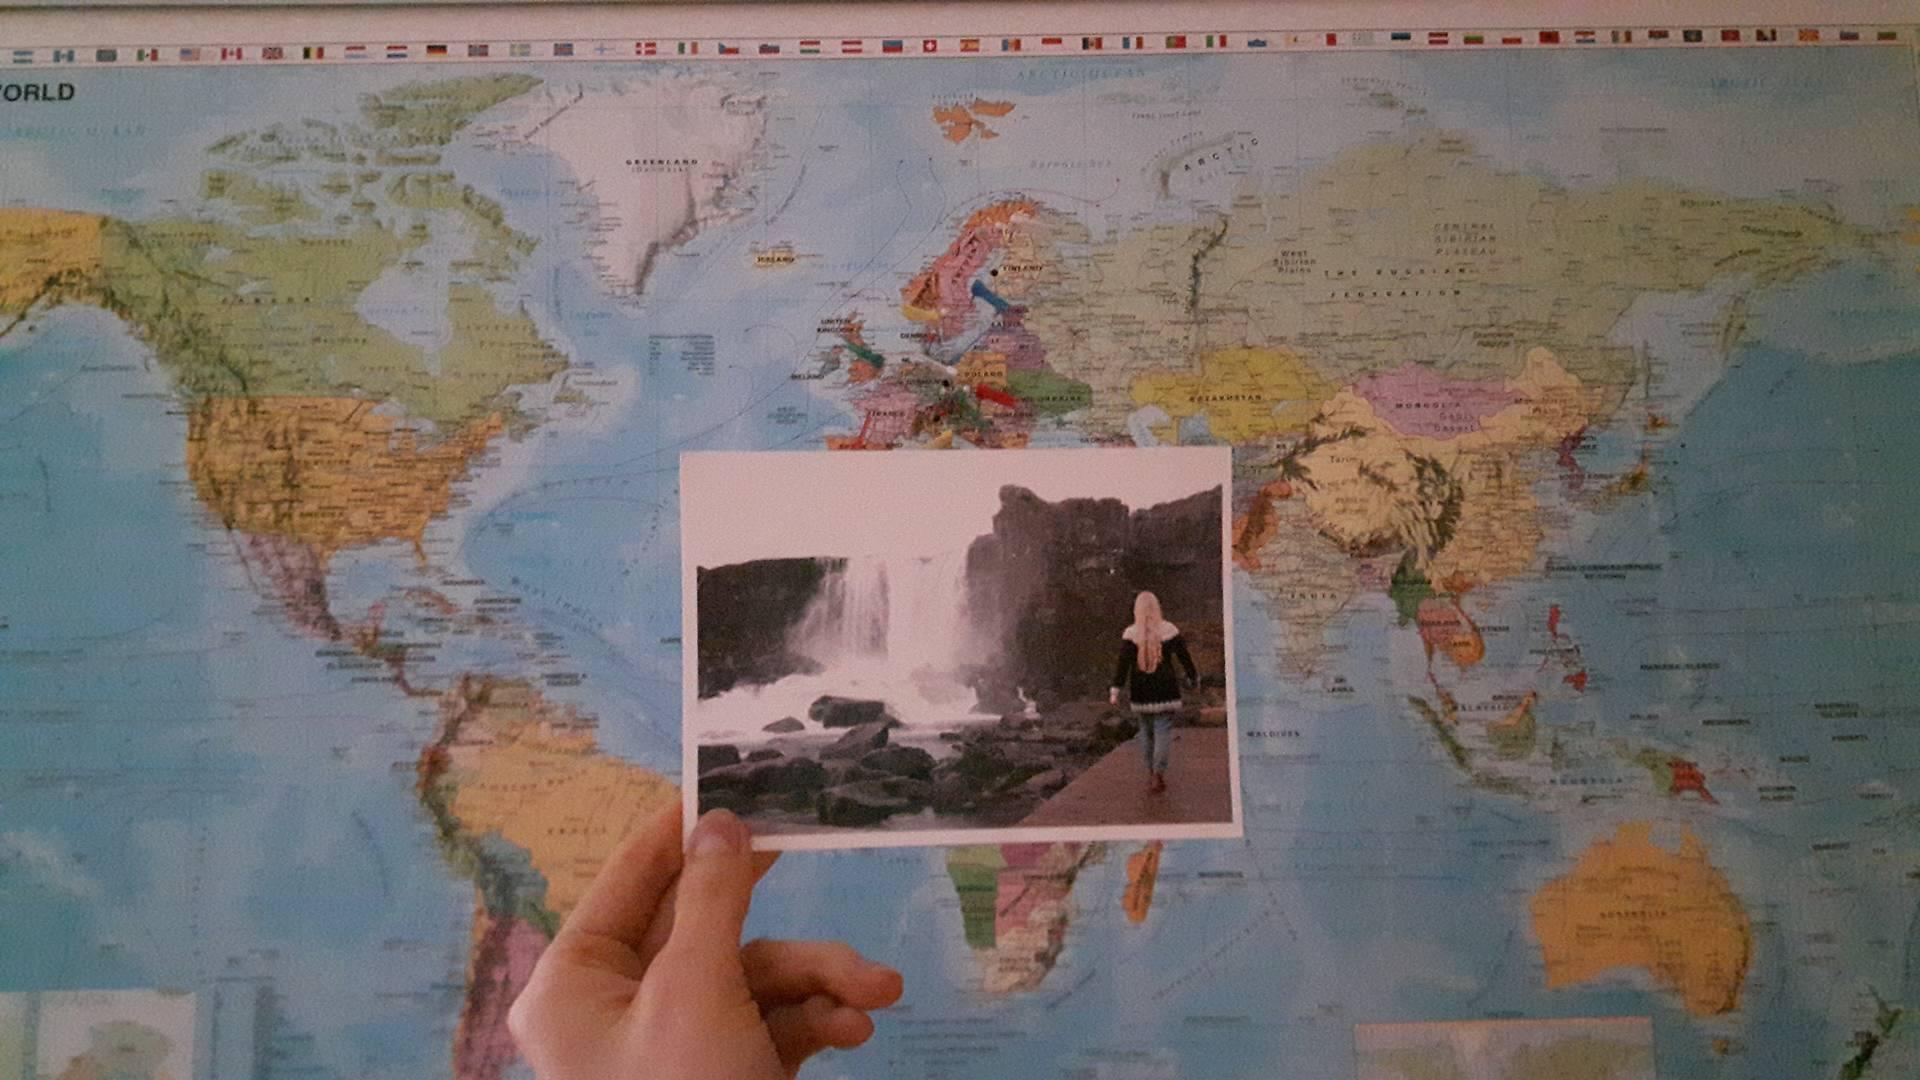 Tällaisen kortin lähetin hänelle omista Islanti-kuvistani. Oli kuulemma ihanan omaperäinen!